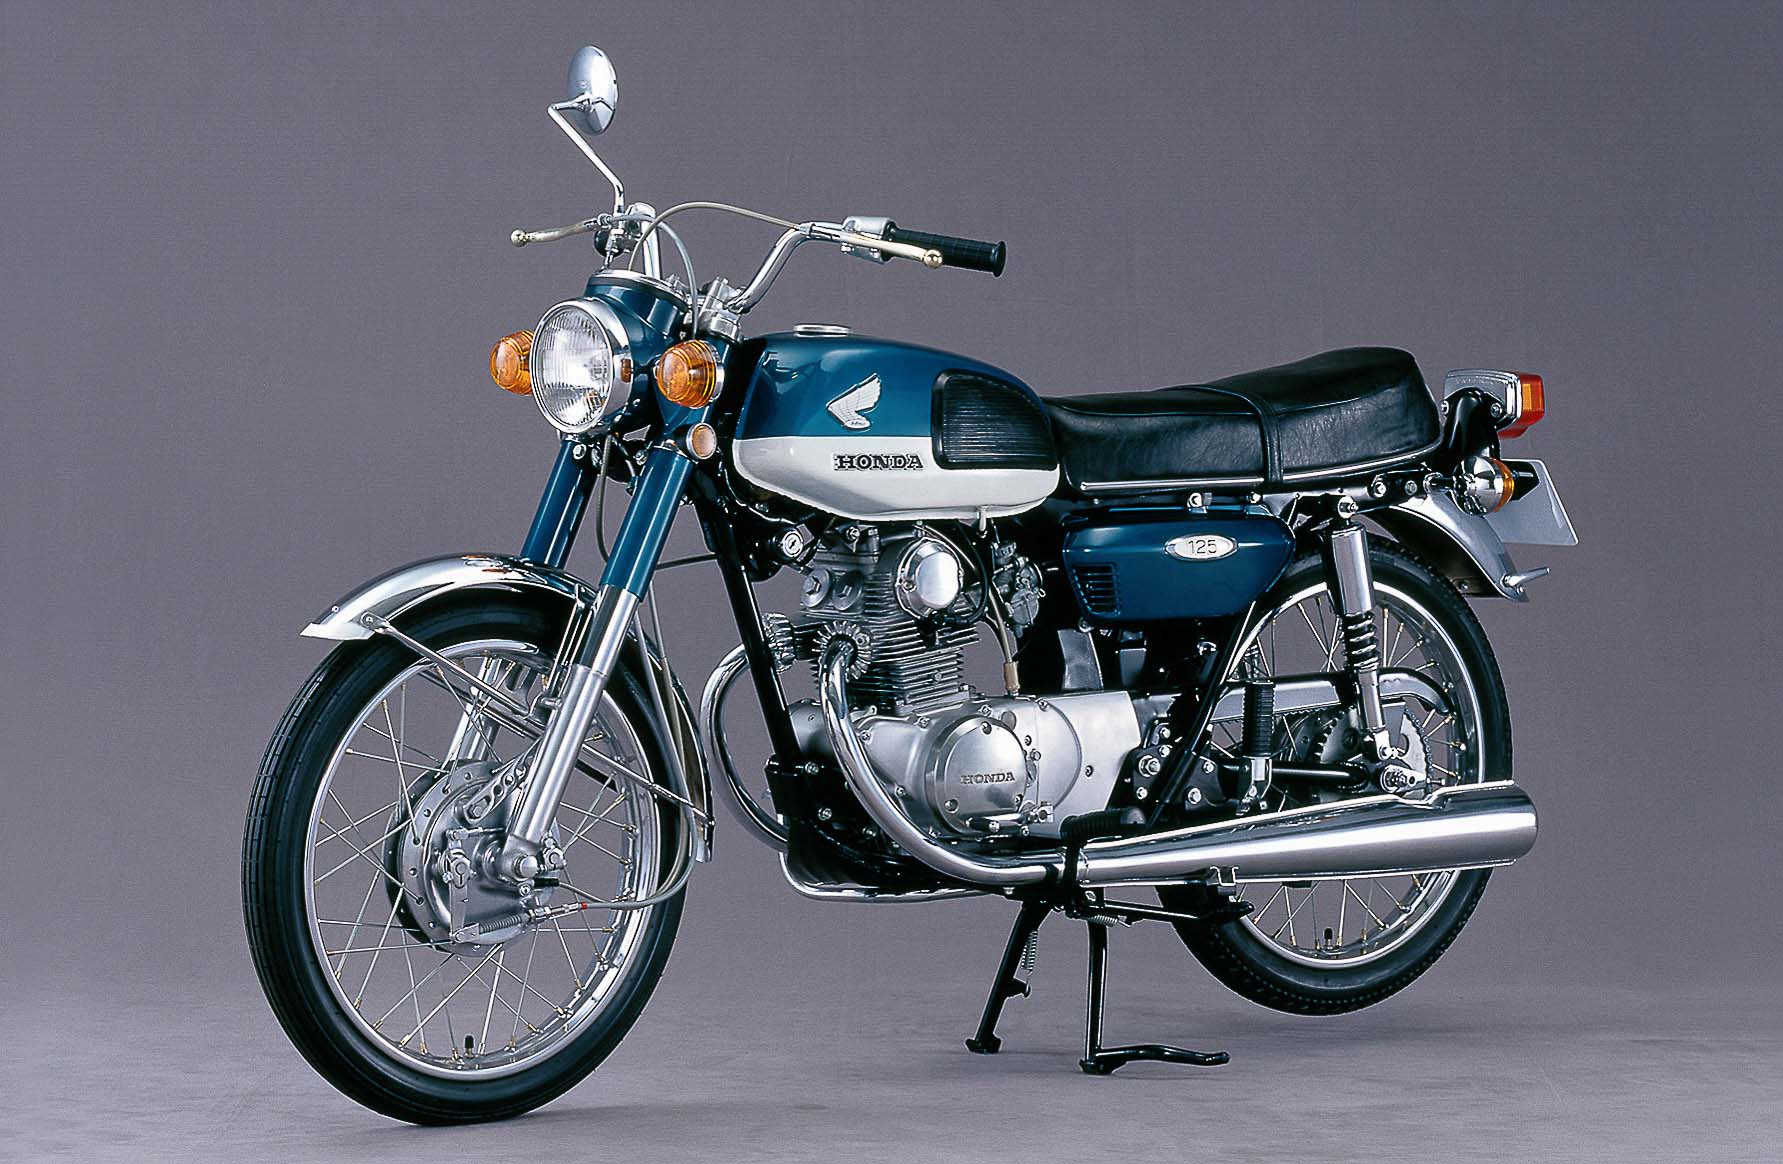 HONDA CB 125K (1965-1976)